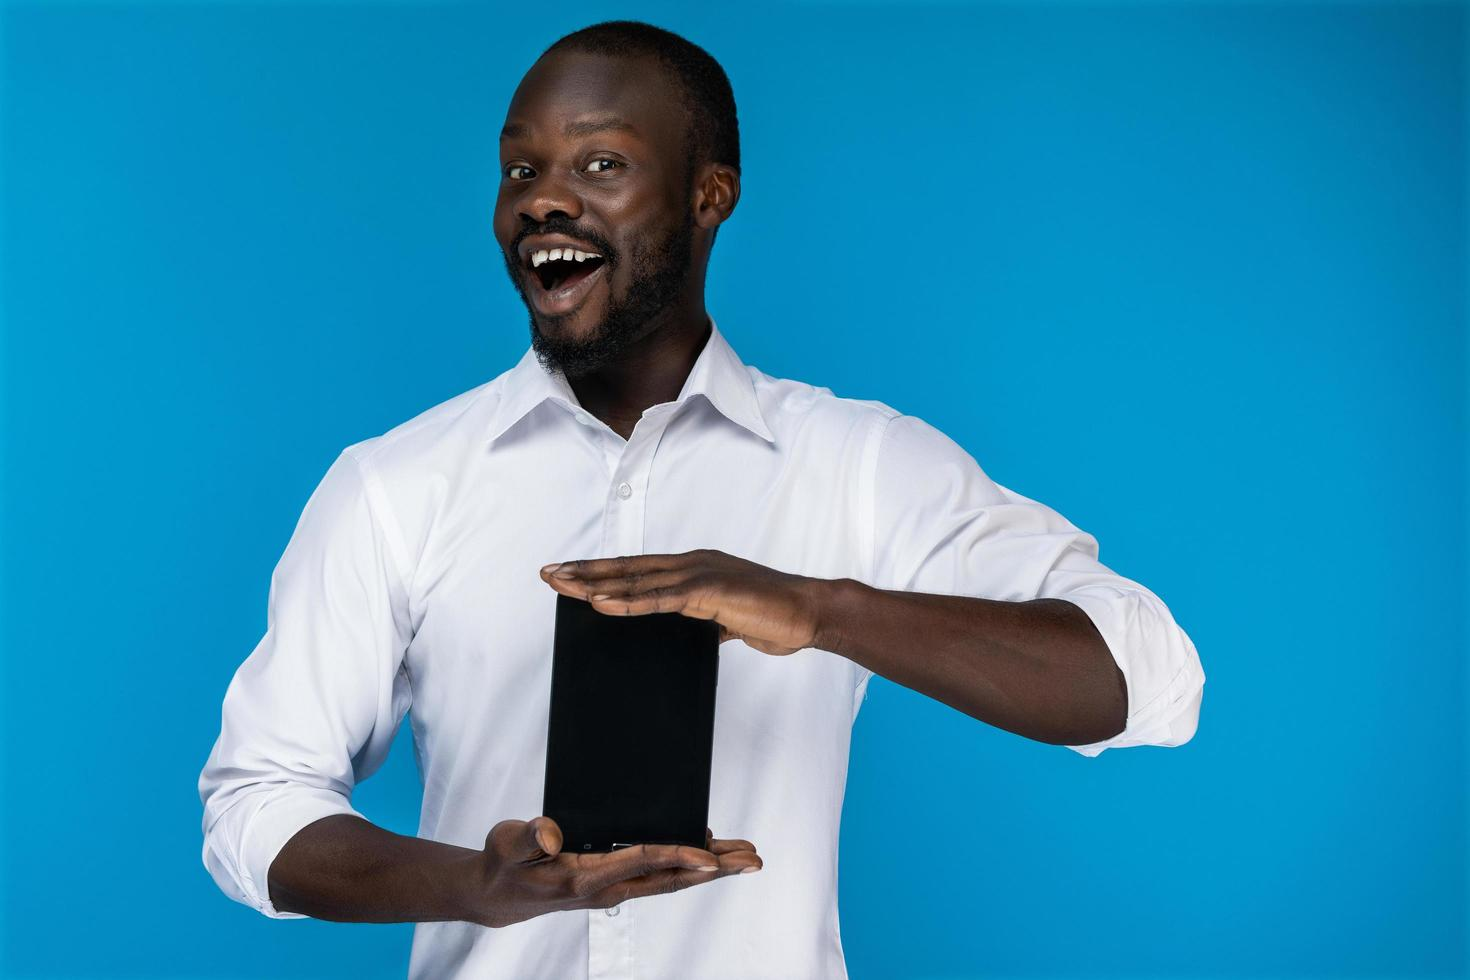 süßer Mann lächelt und hält eine Tablette foto